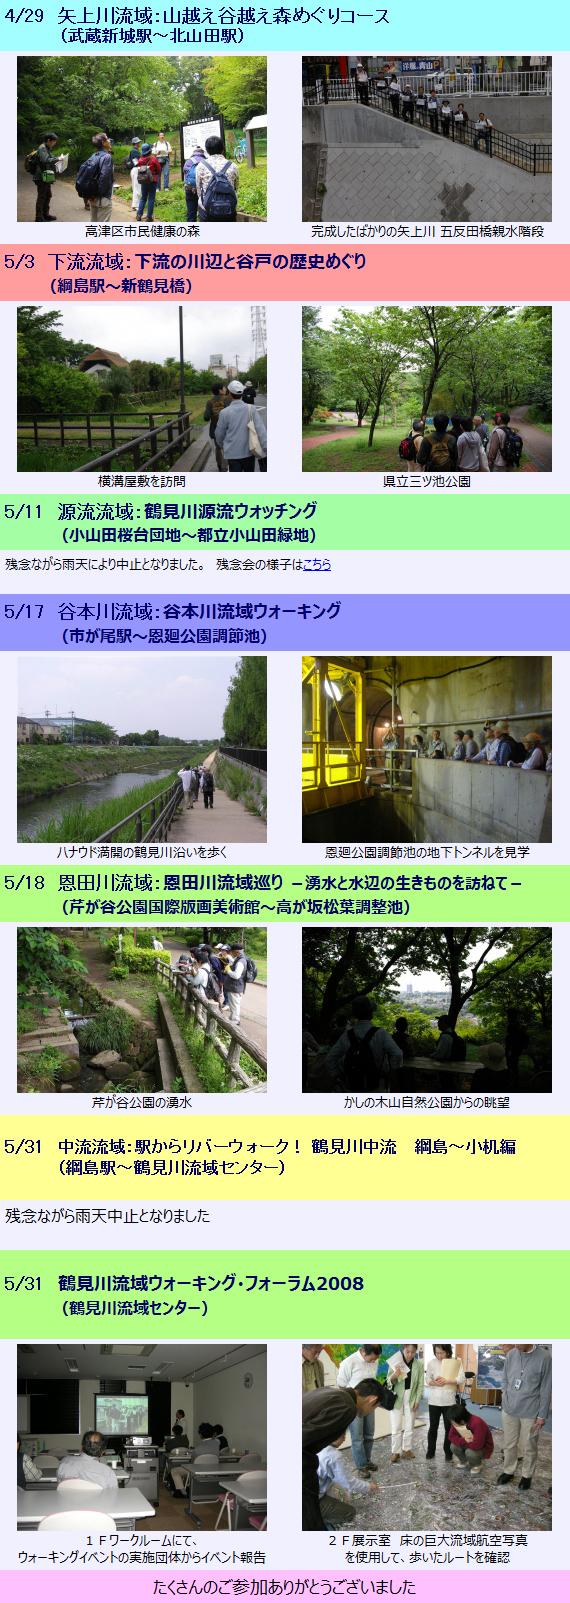 4/29~5/31 「鶴見川流域ウォーキング月間2008」開催!